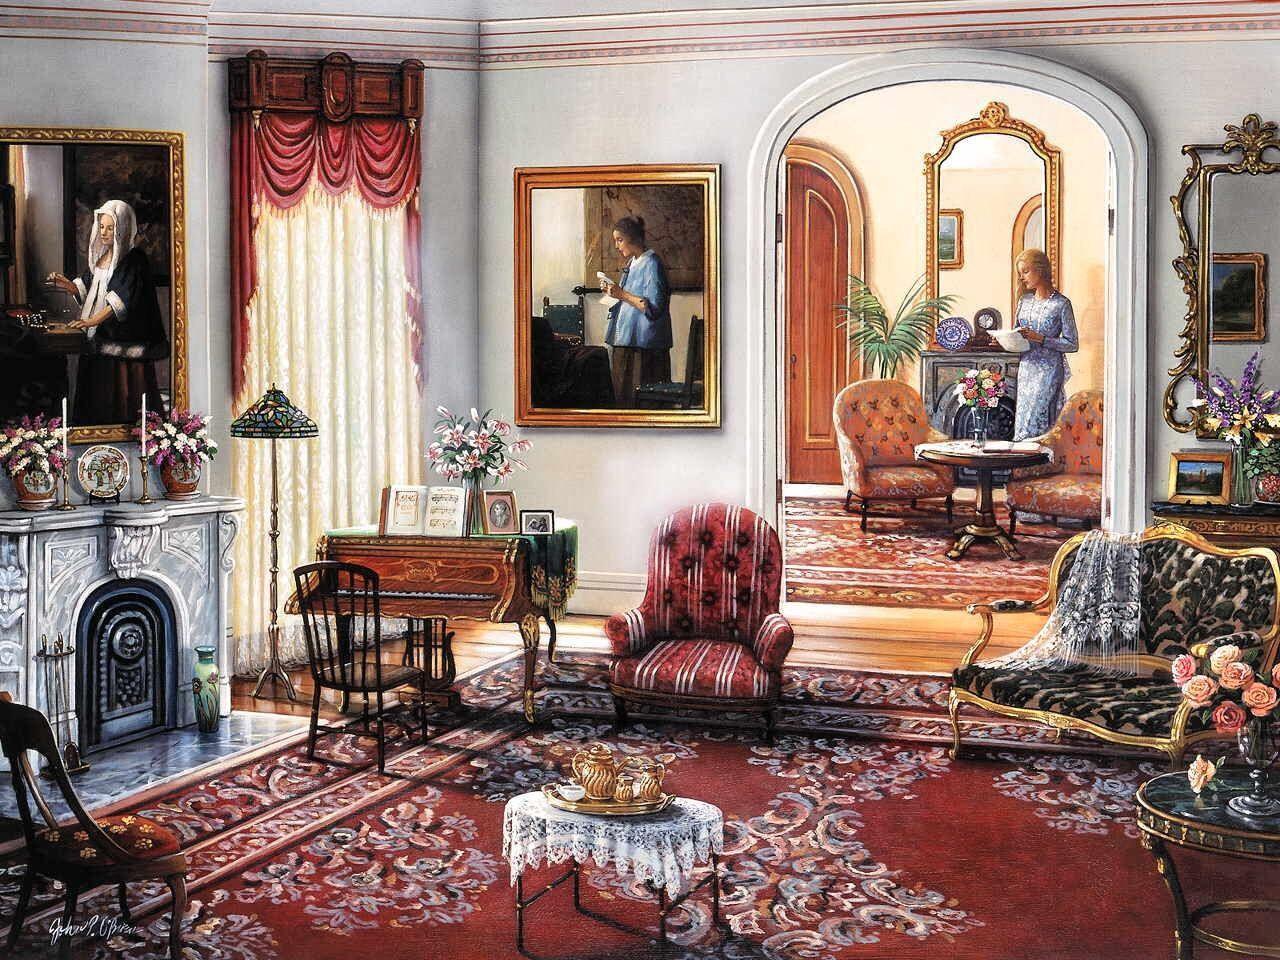 Homage to vermeer by john o 39 brien home sweet home art - Casas con estilo ...